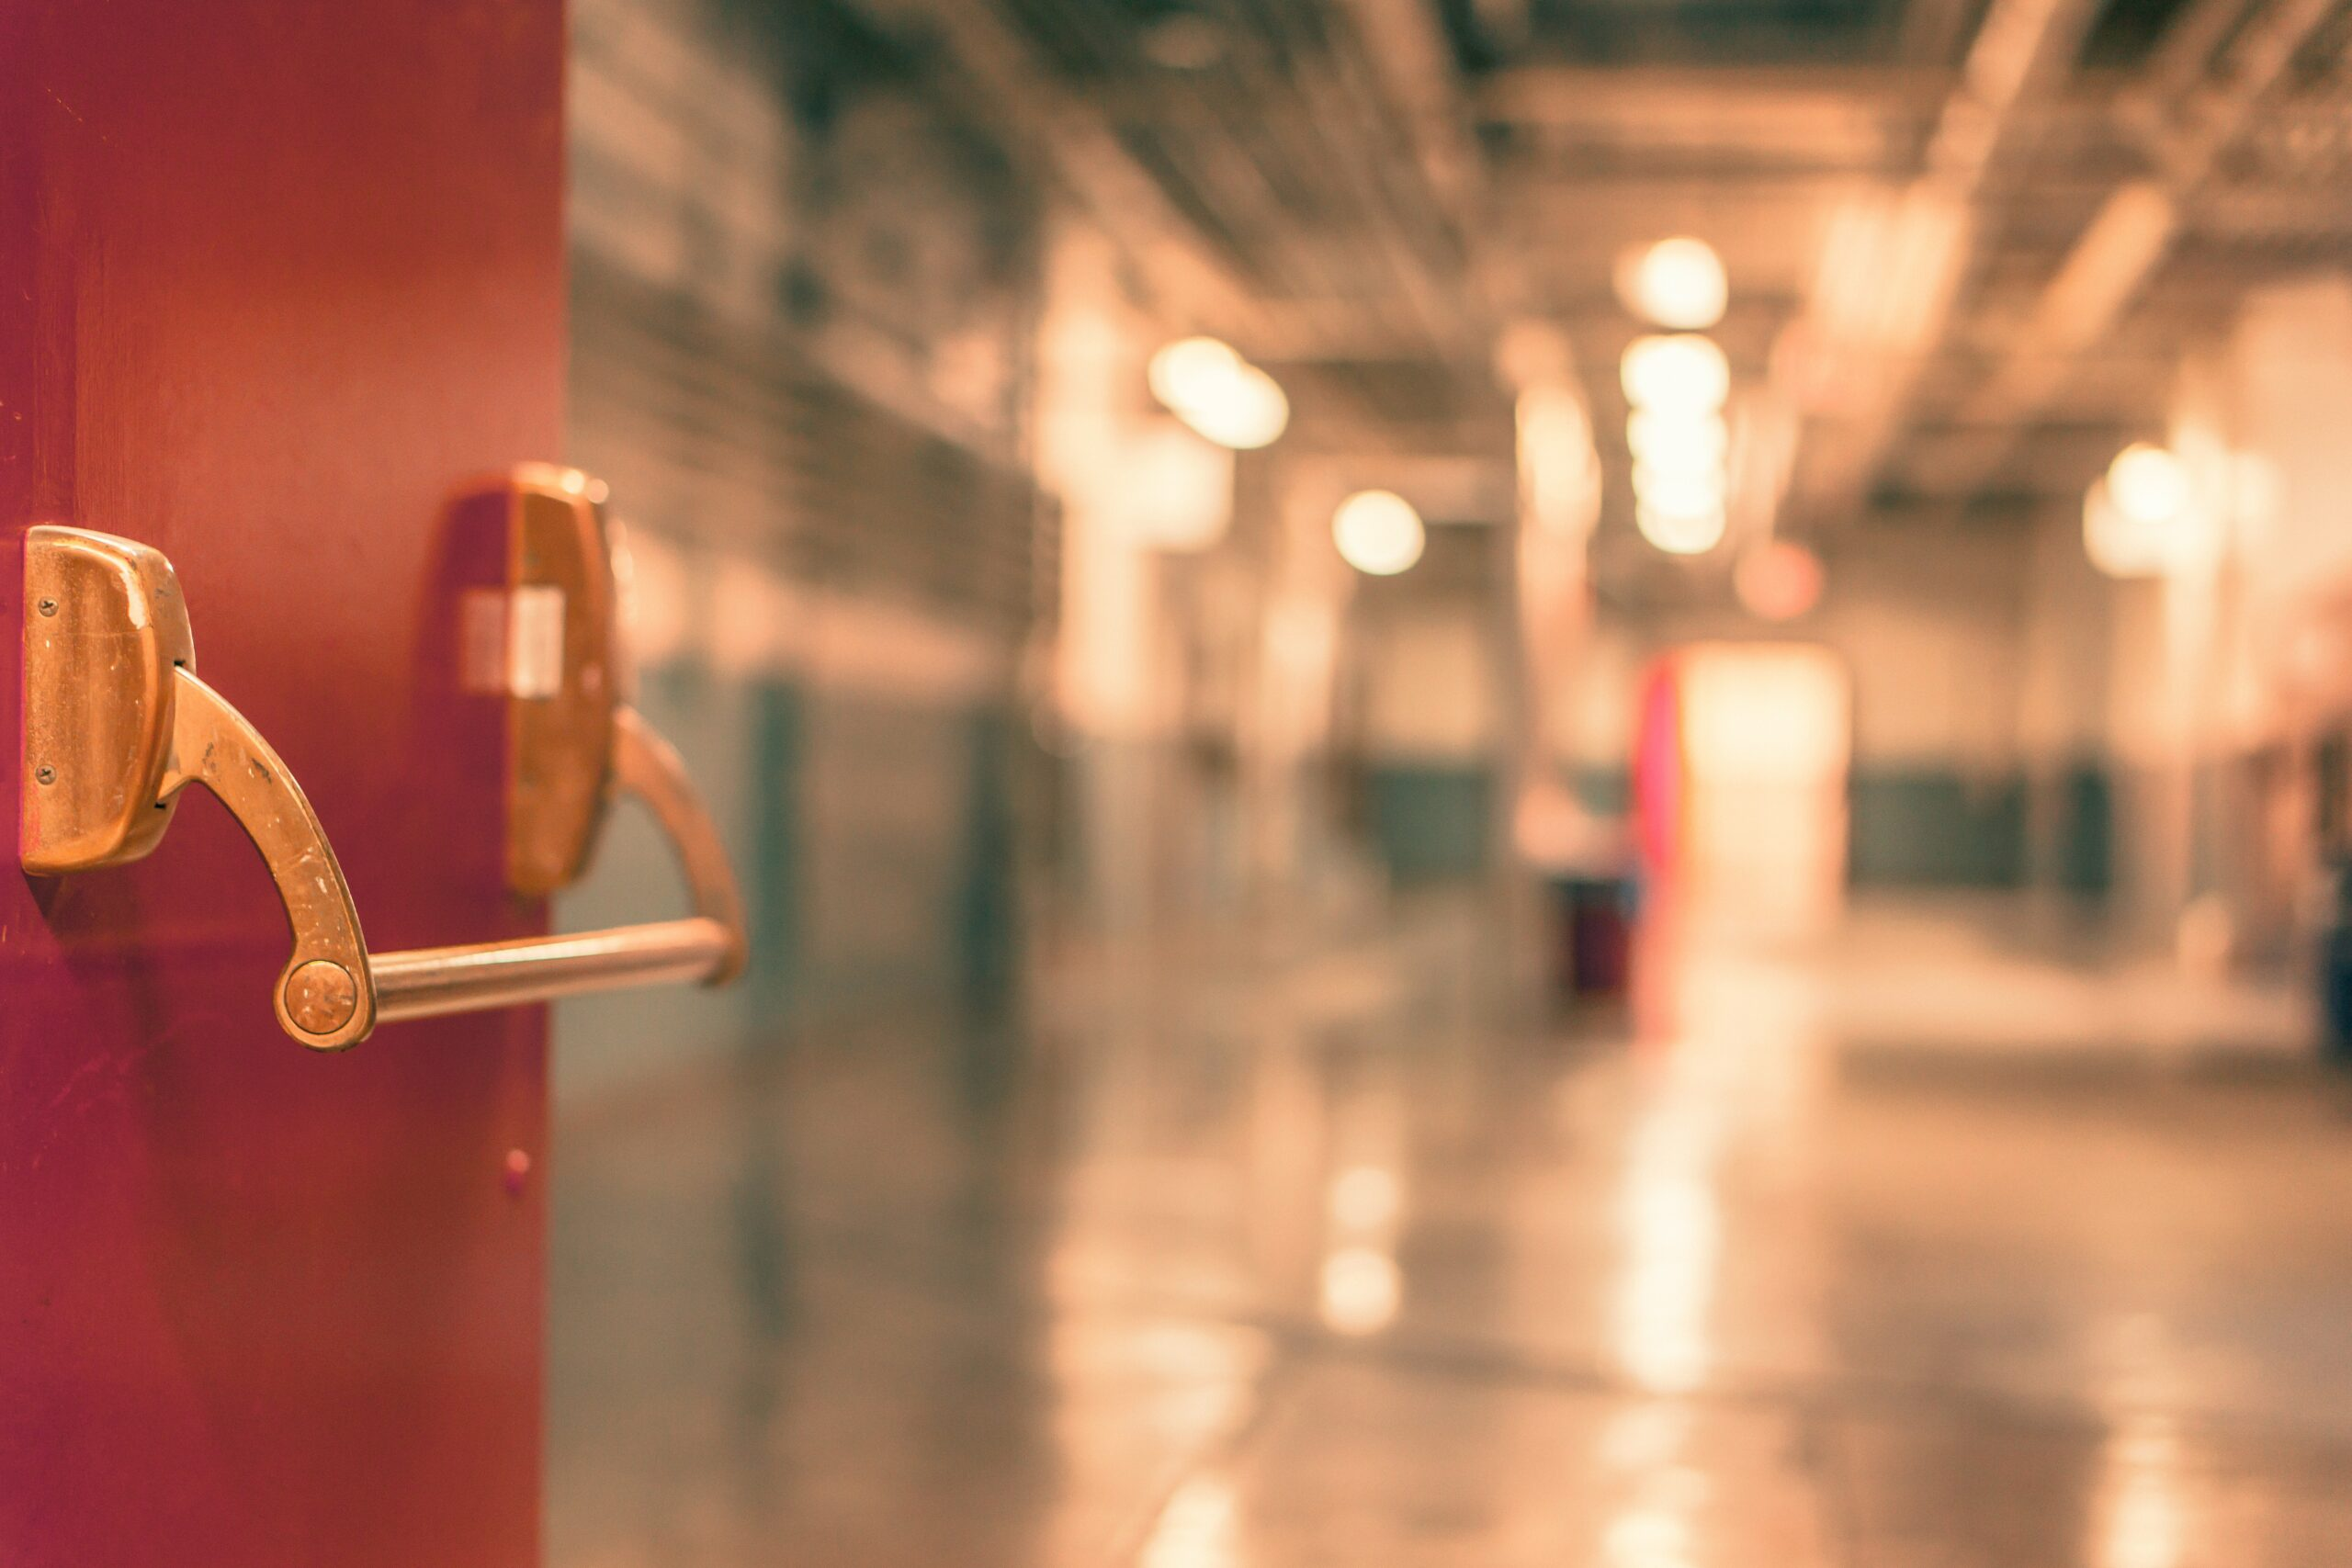 Krankenhausbewachung, Krankenhausüberwachung, Sicherheitsdienst, Objektschutz, Wachschutz